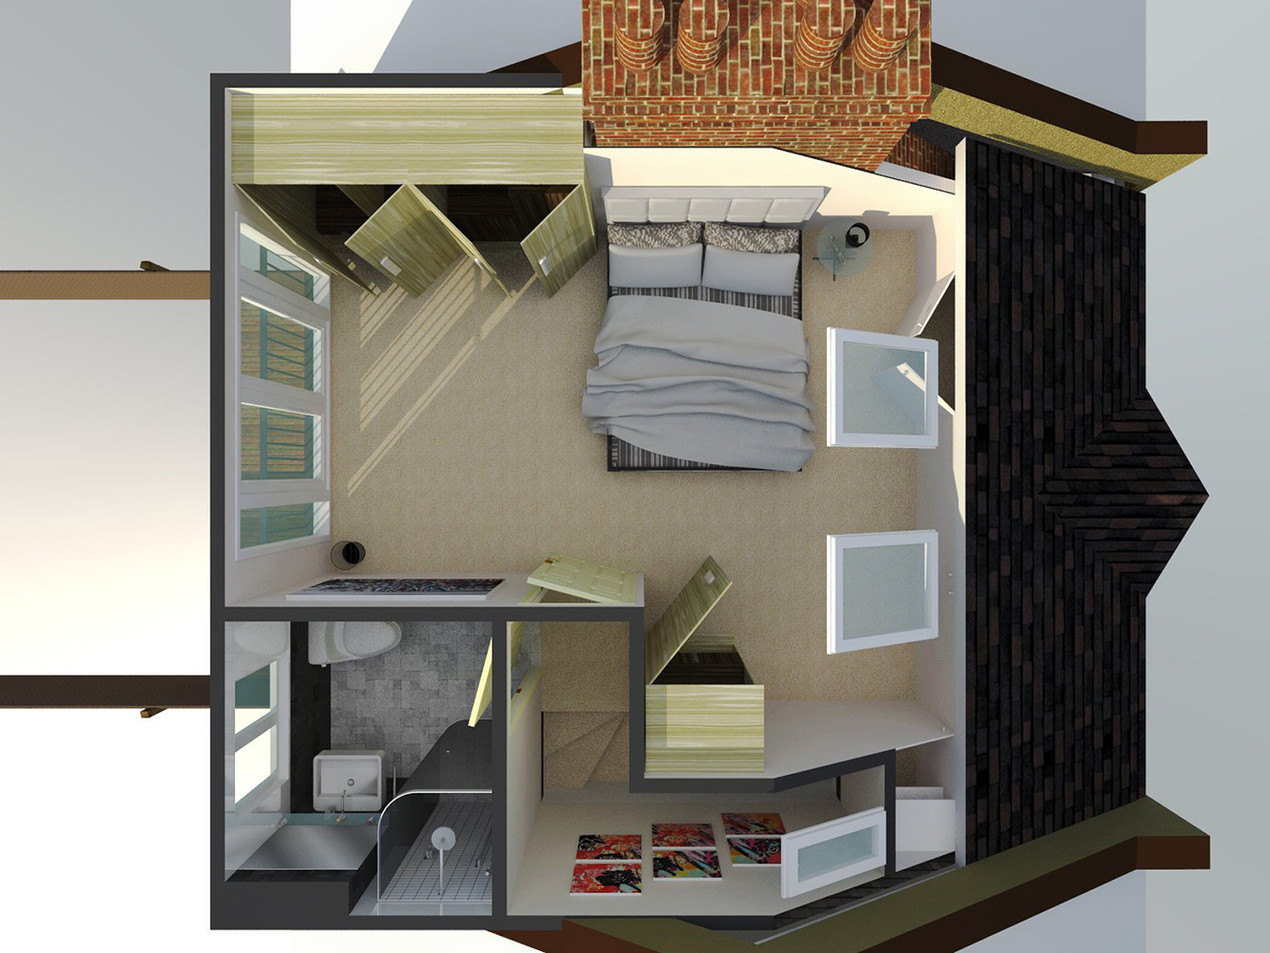 loft-interior-top-=.jpg